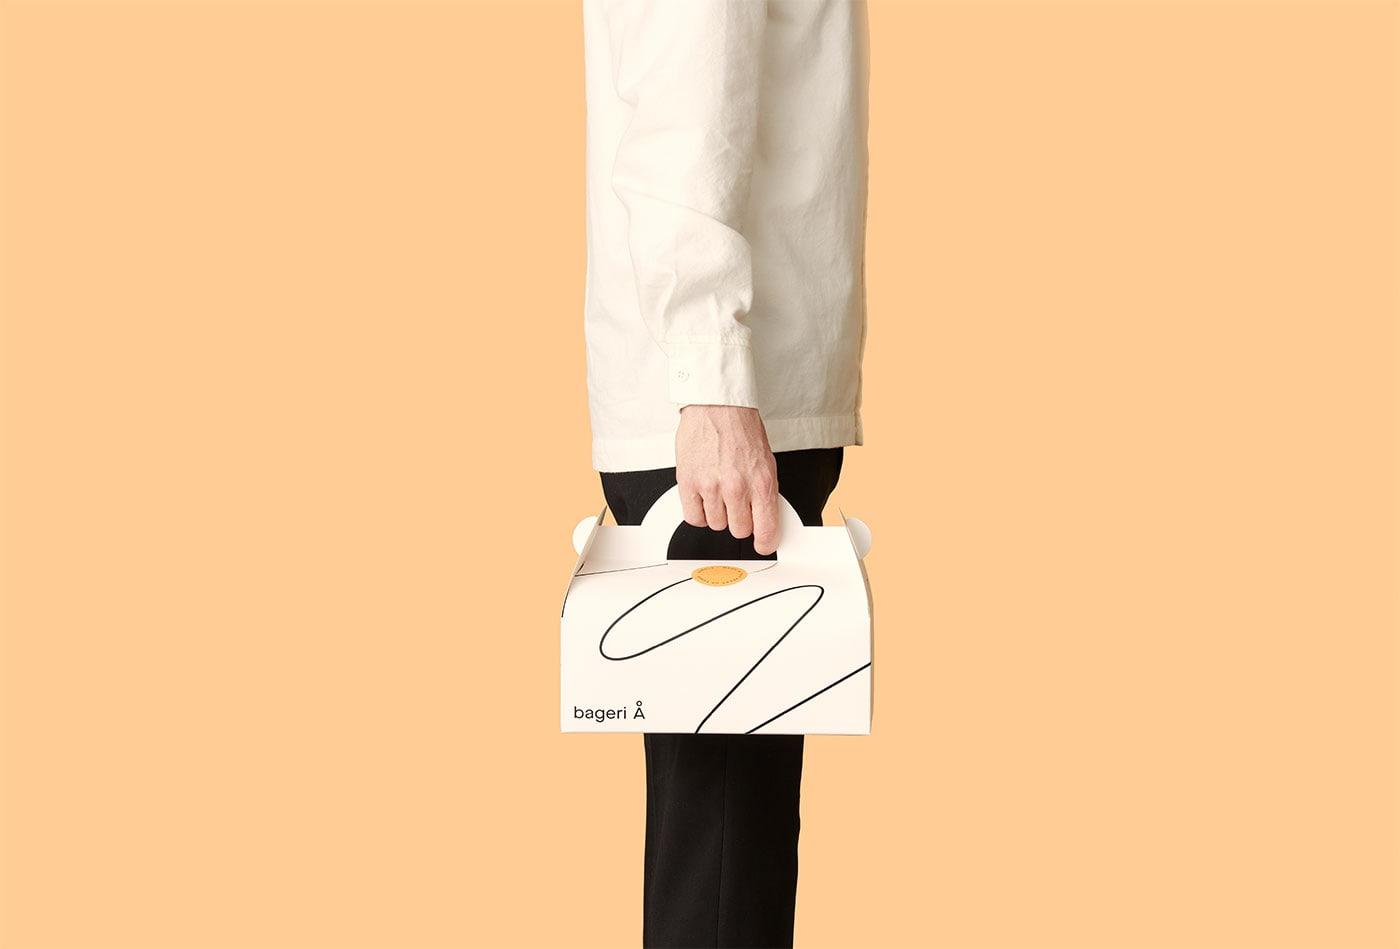 线条的魅力!Bageri面包房品牌视觉澳门金沙真人